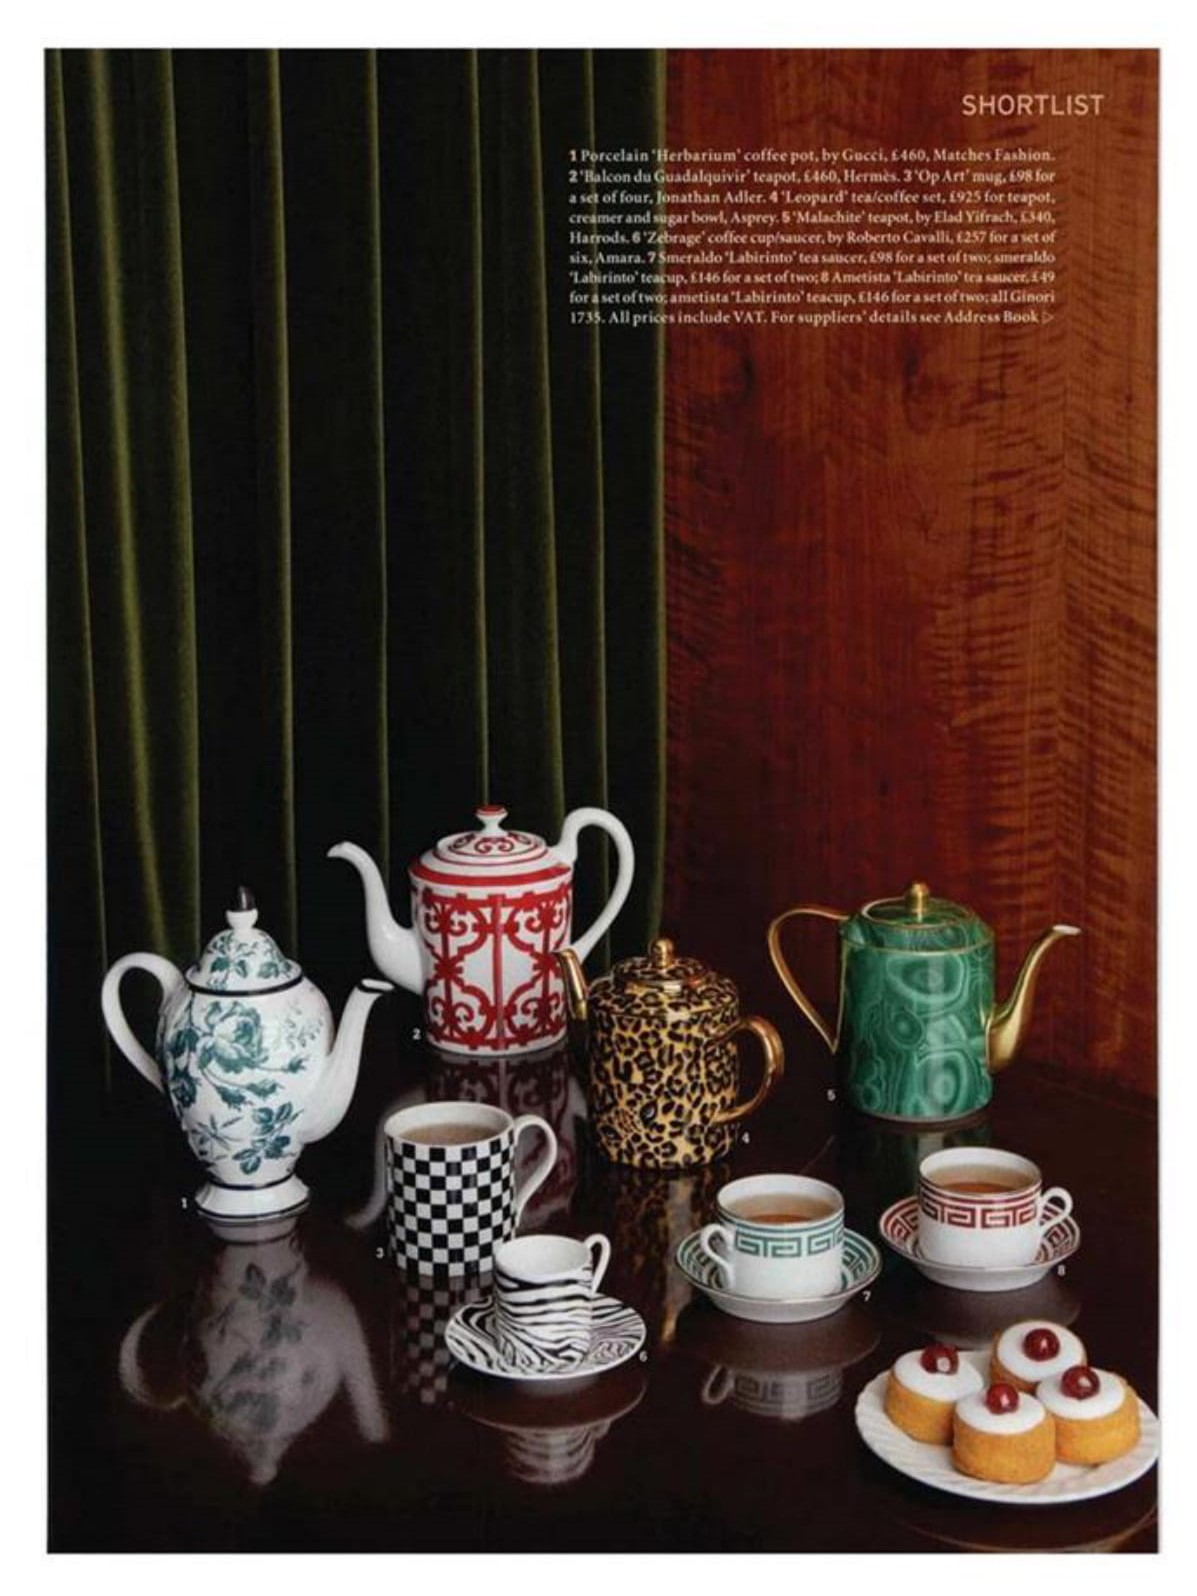 World of Interiors is stewing over Jonathan Adler's Op Art mug